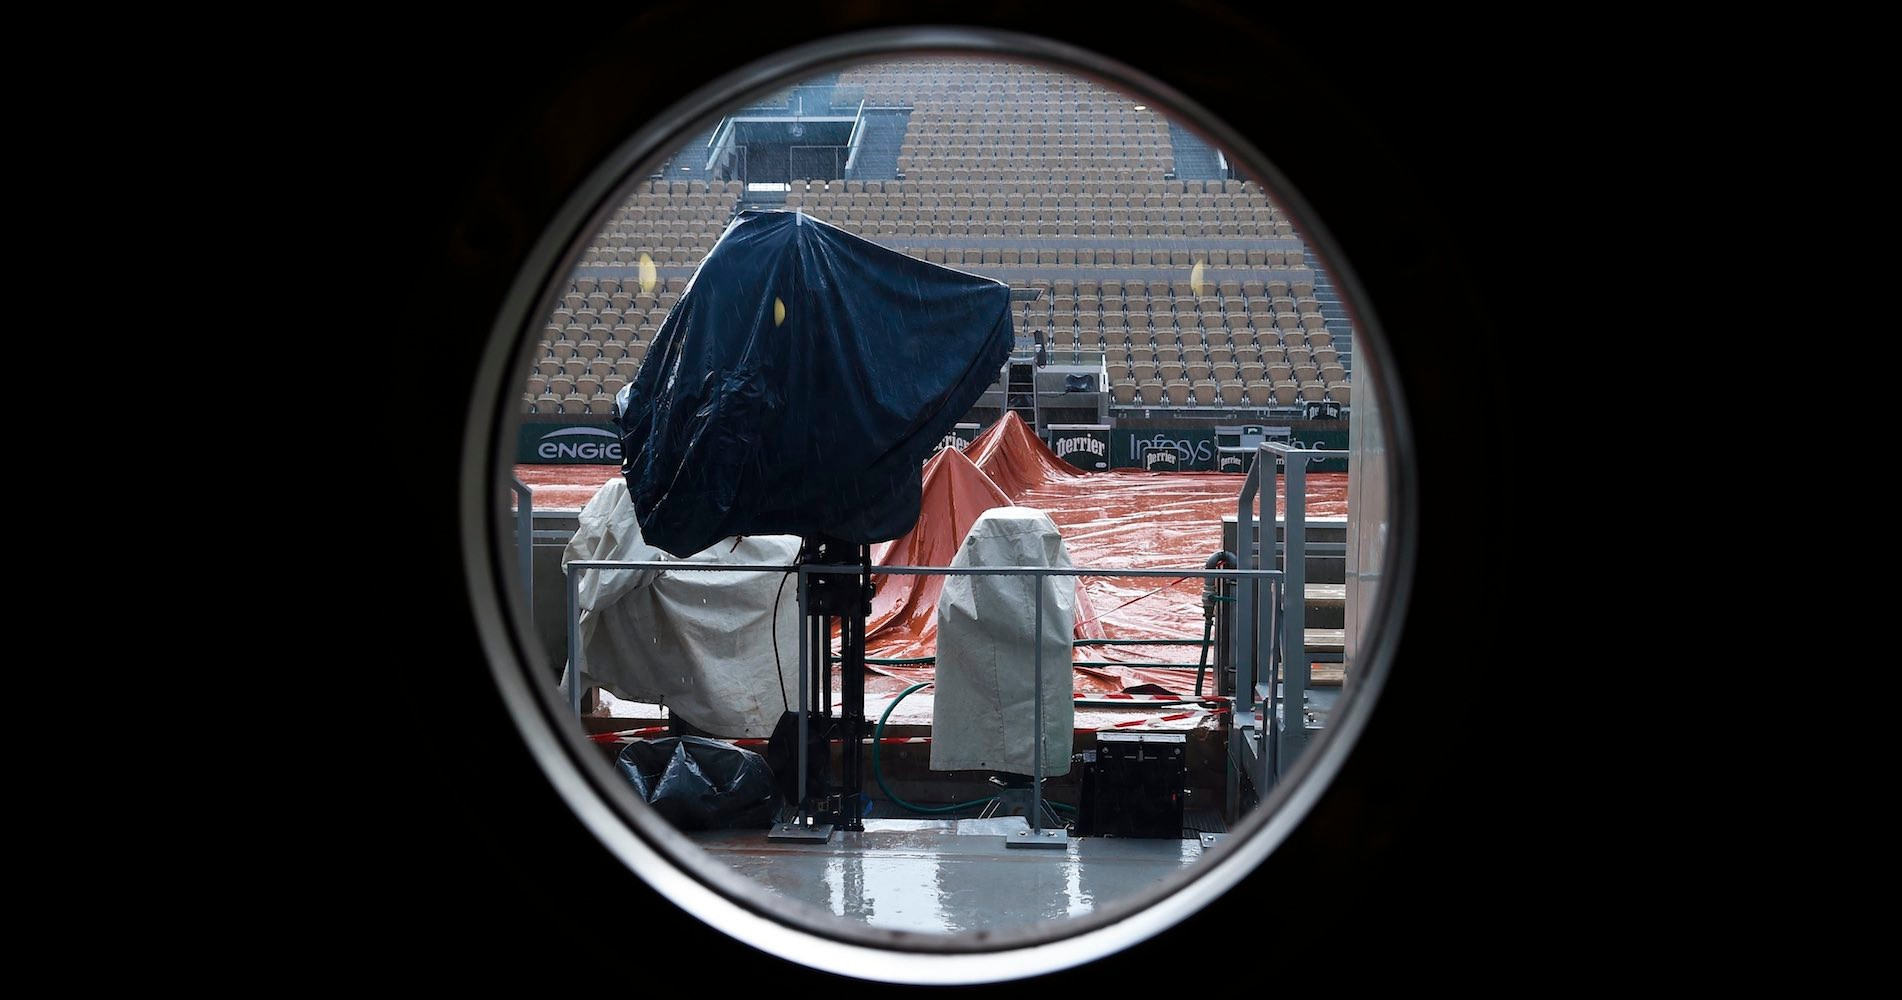 Roland-Garros, Suzanne-Lenglen court, 2020